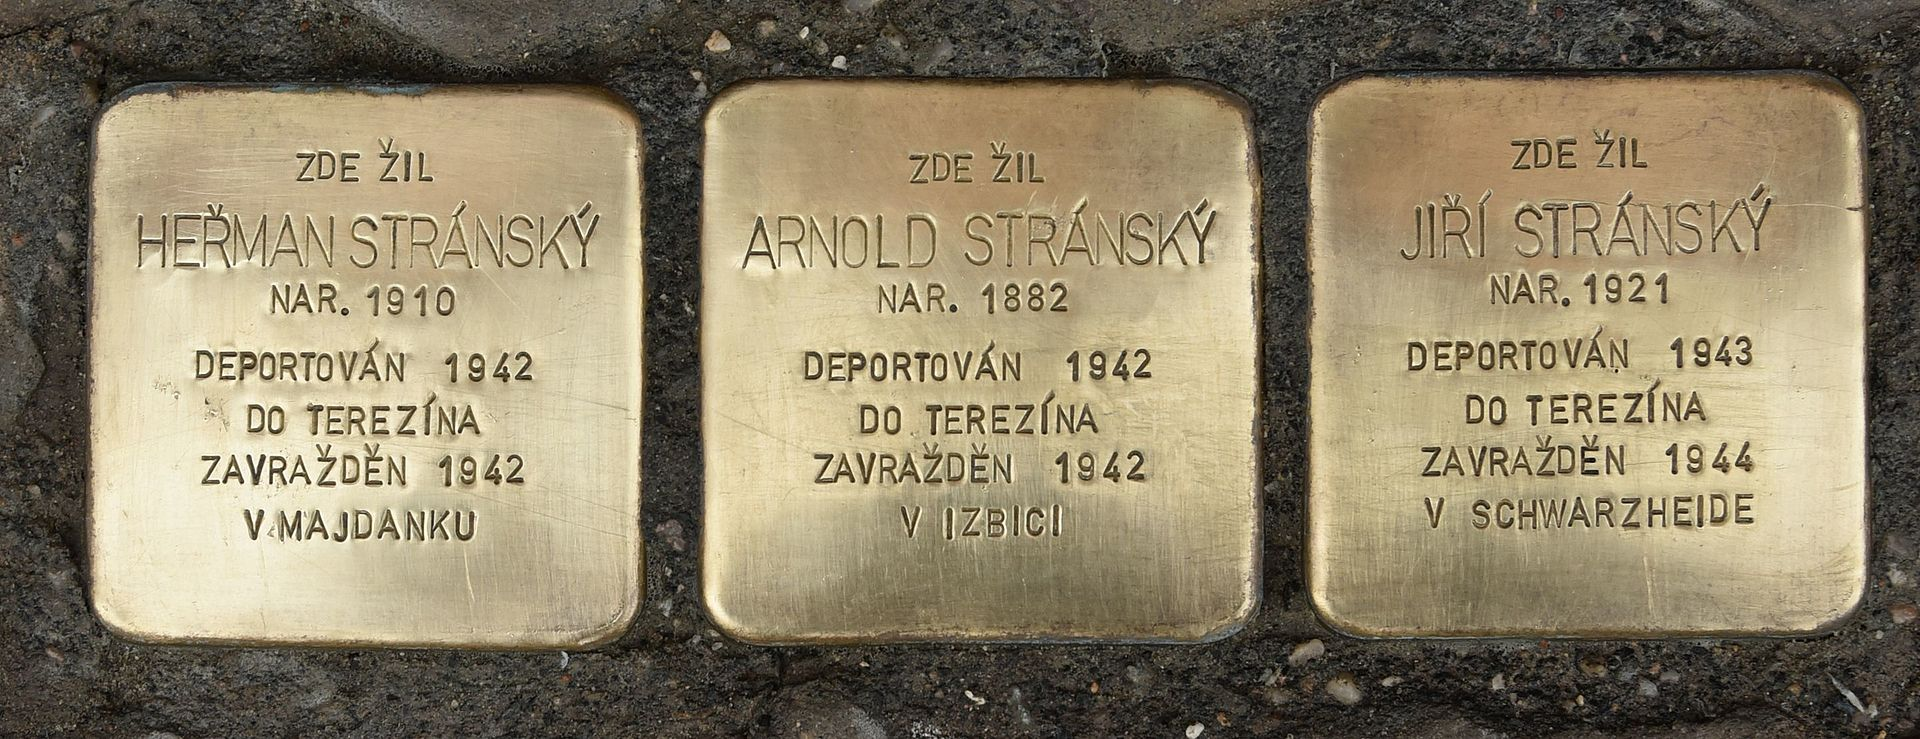 Drei Stolpersteine für Familie Stránský in Tišnov, Brněnská 9.jpg